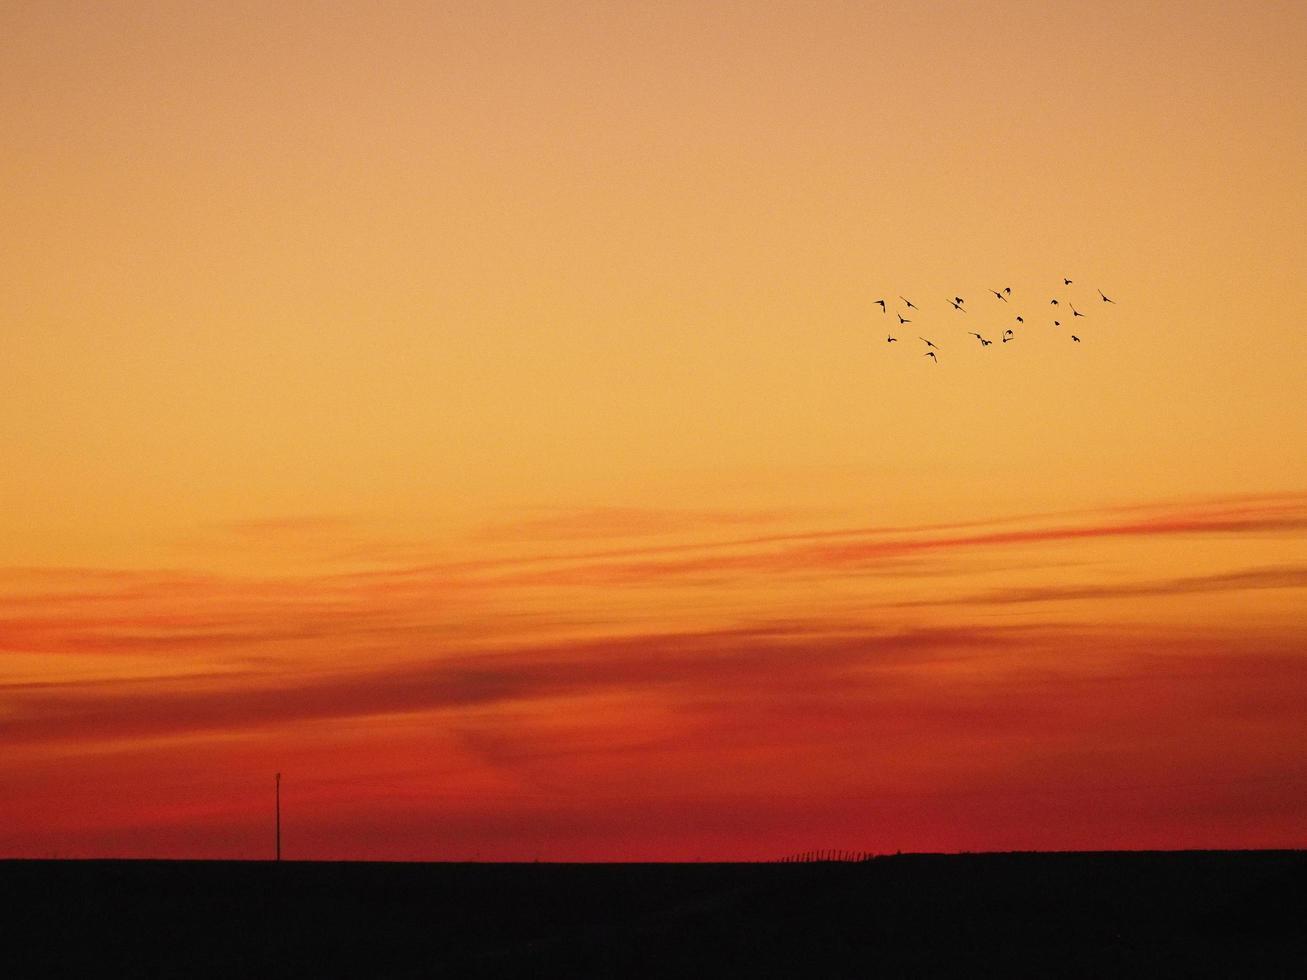 volée d'oiseaux au coucher du soleil photo